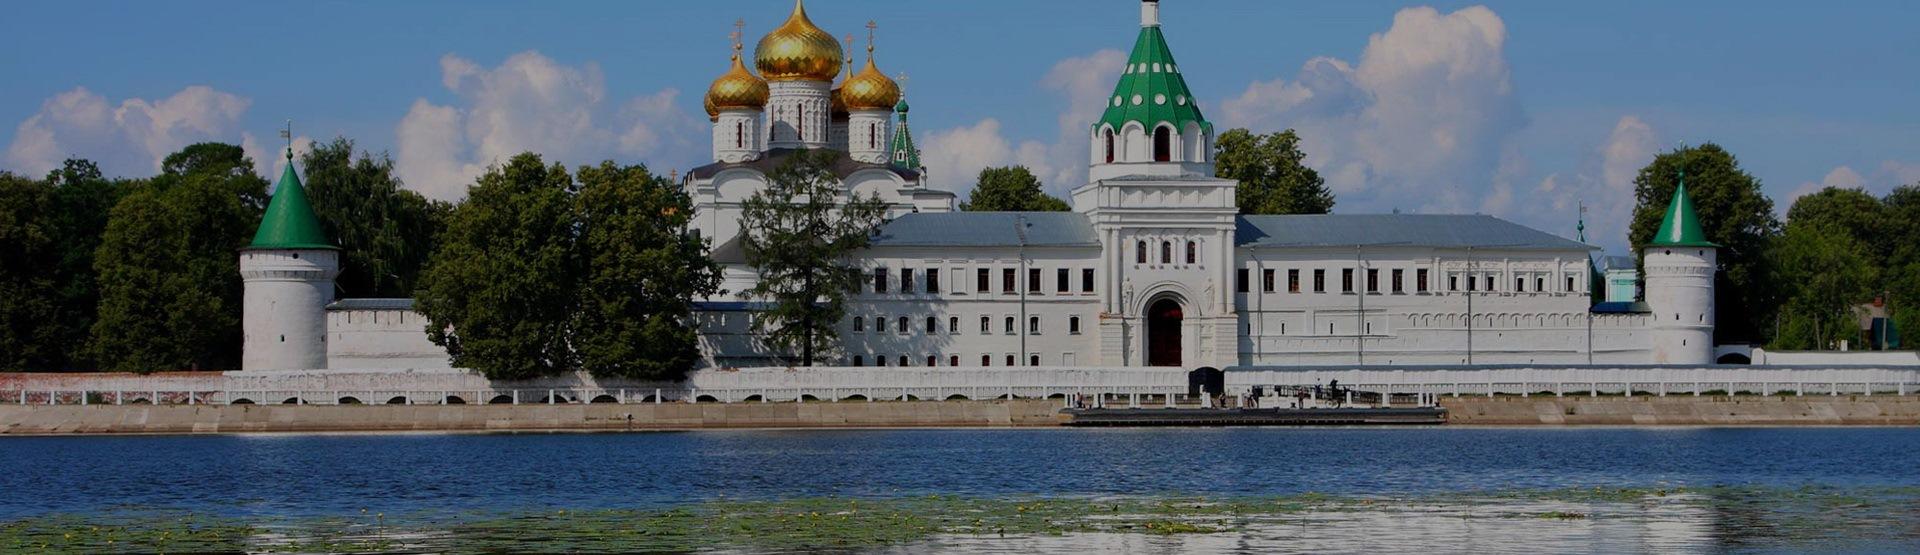 Всё для рыбалки в Костроме!